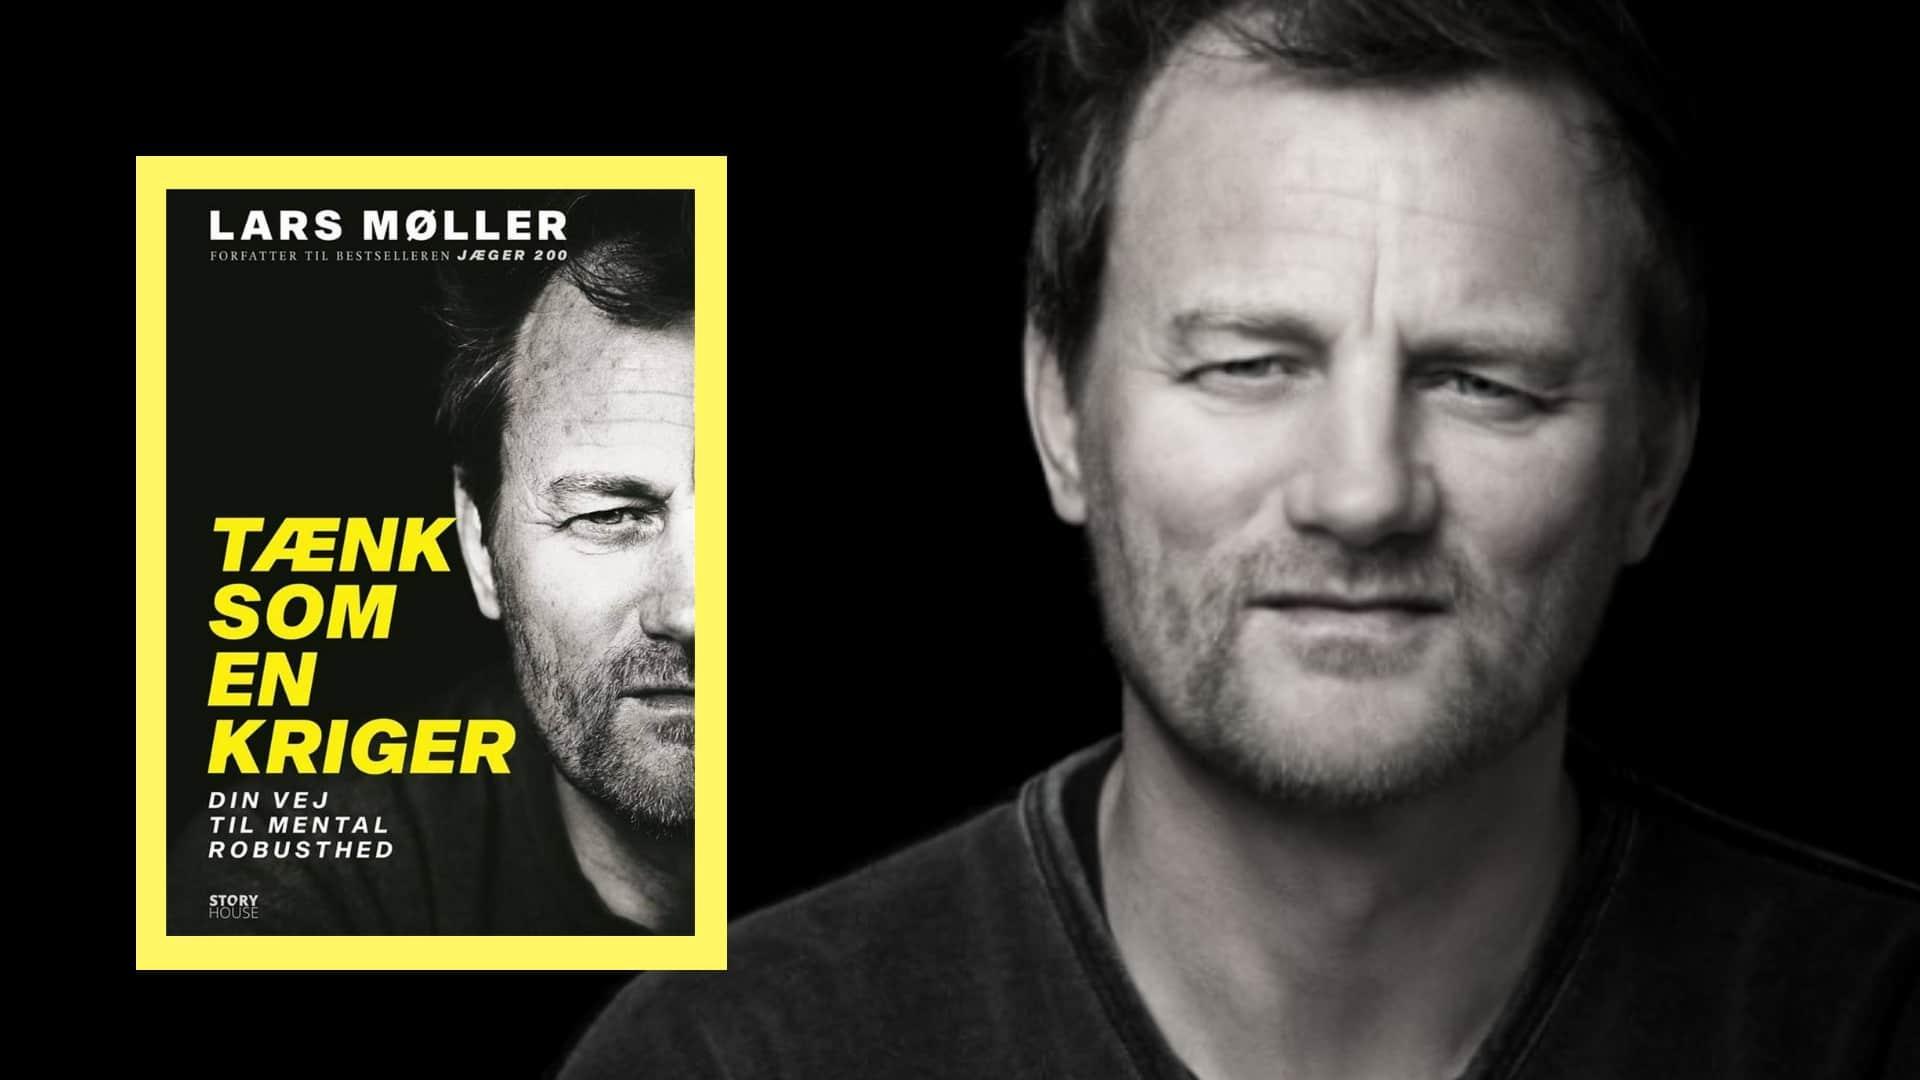 Tænk som en kriger, Lars Møller, mental robusthed